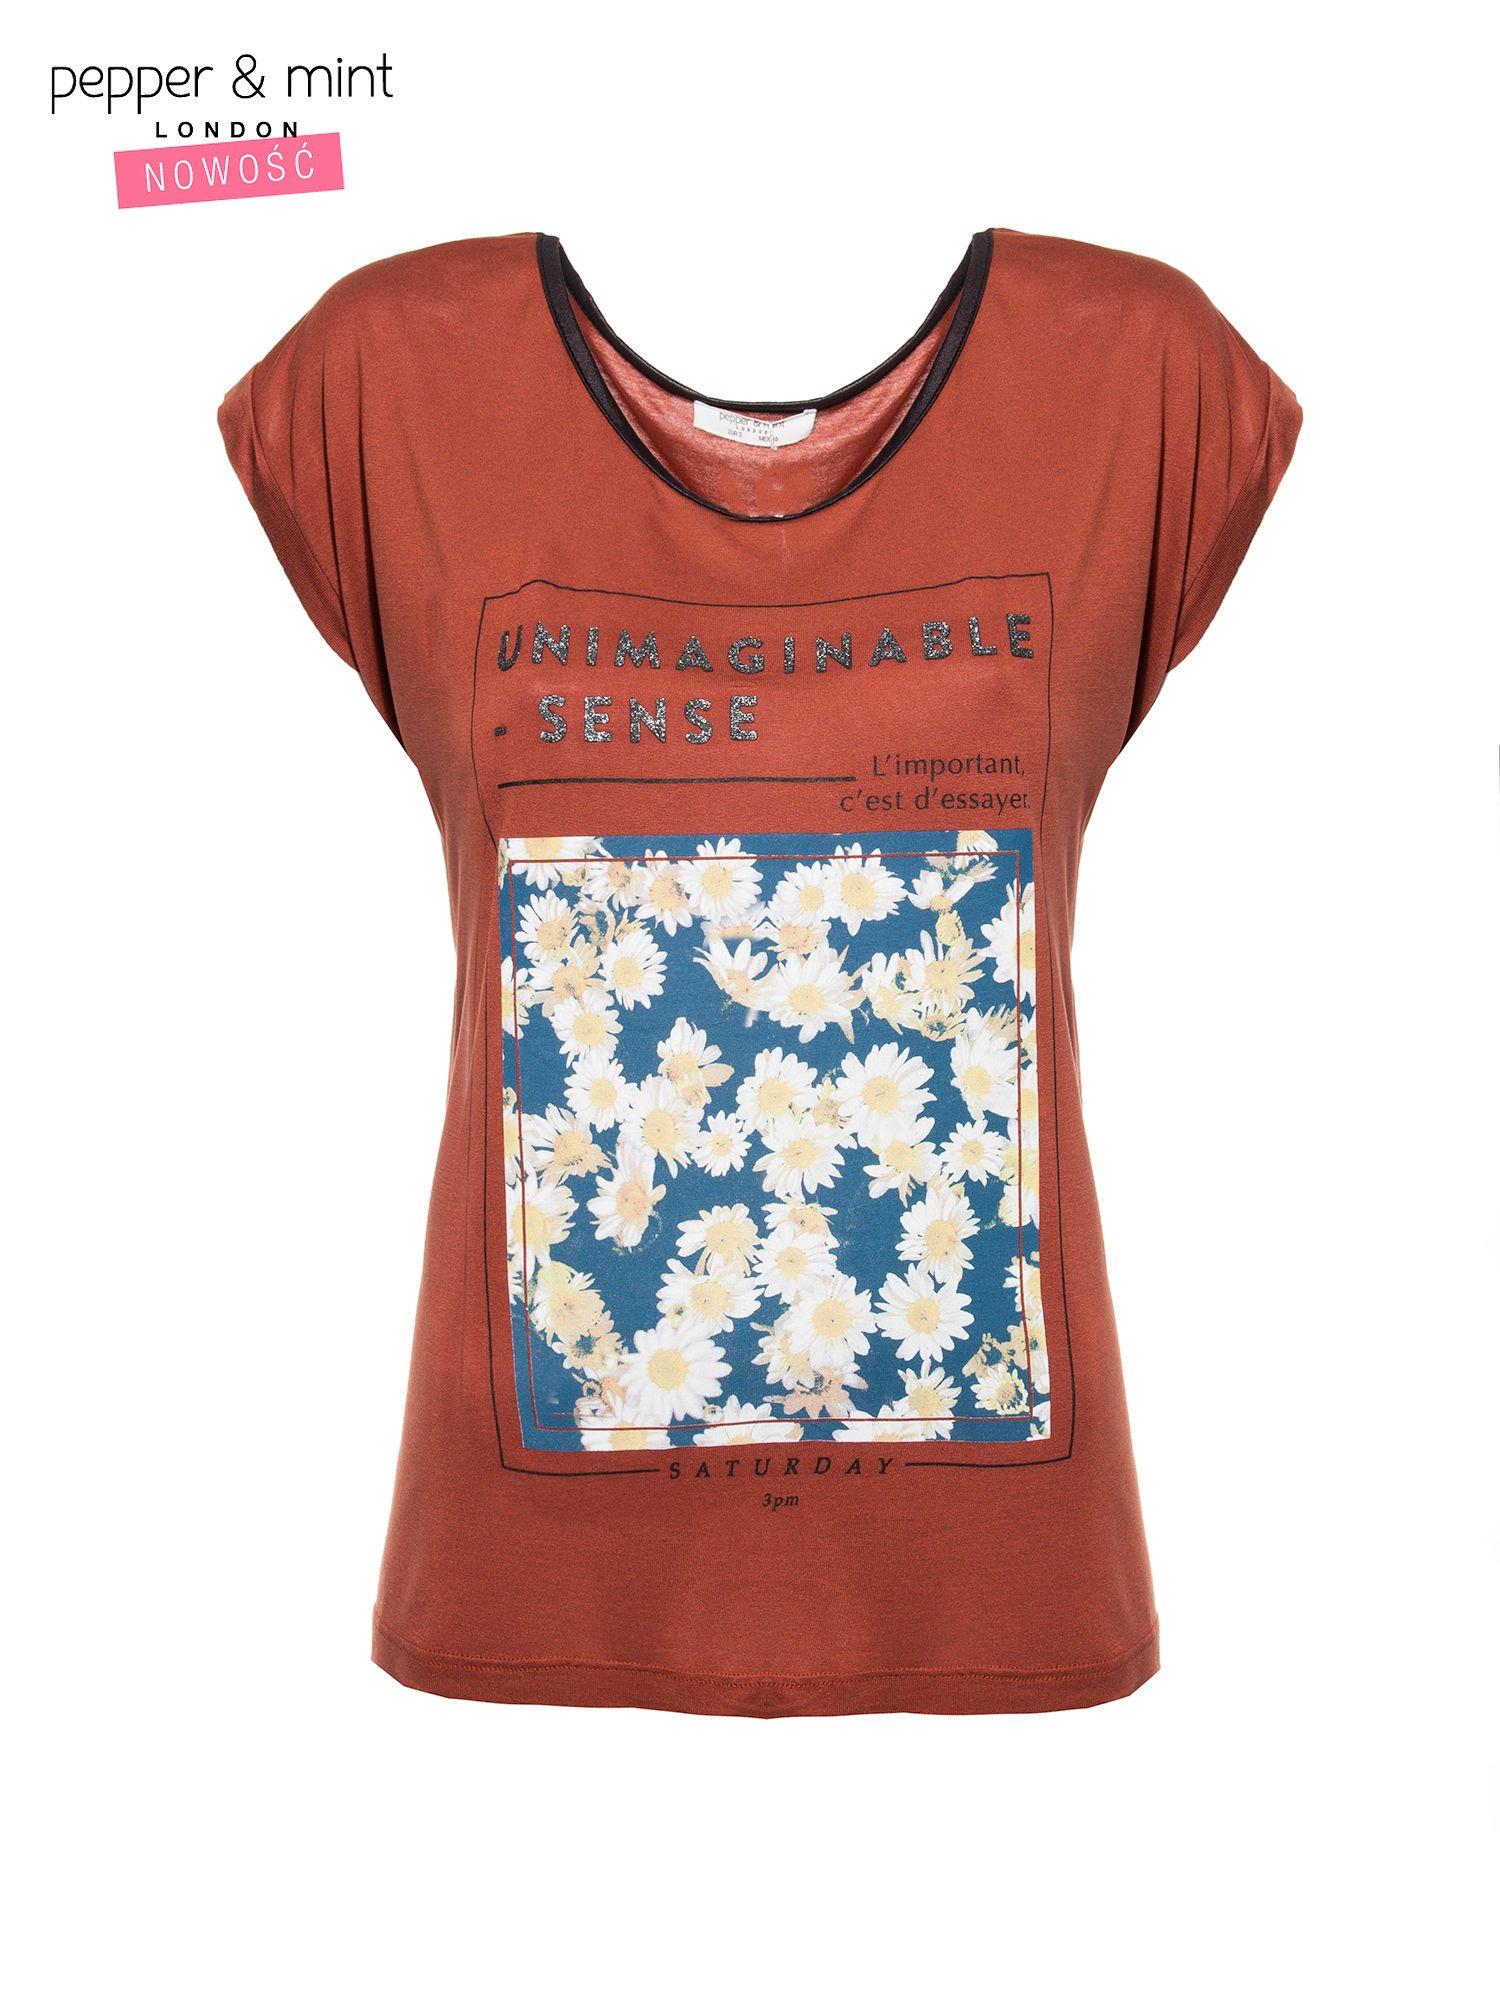 Brązowy t-shirt z kwiatowym nadrukiem i napisem UNIMAGINABLE SENSE                                  zdj.                                  2